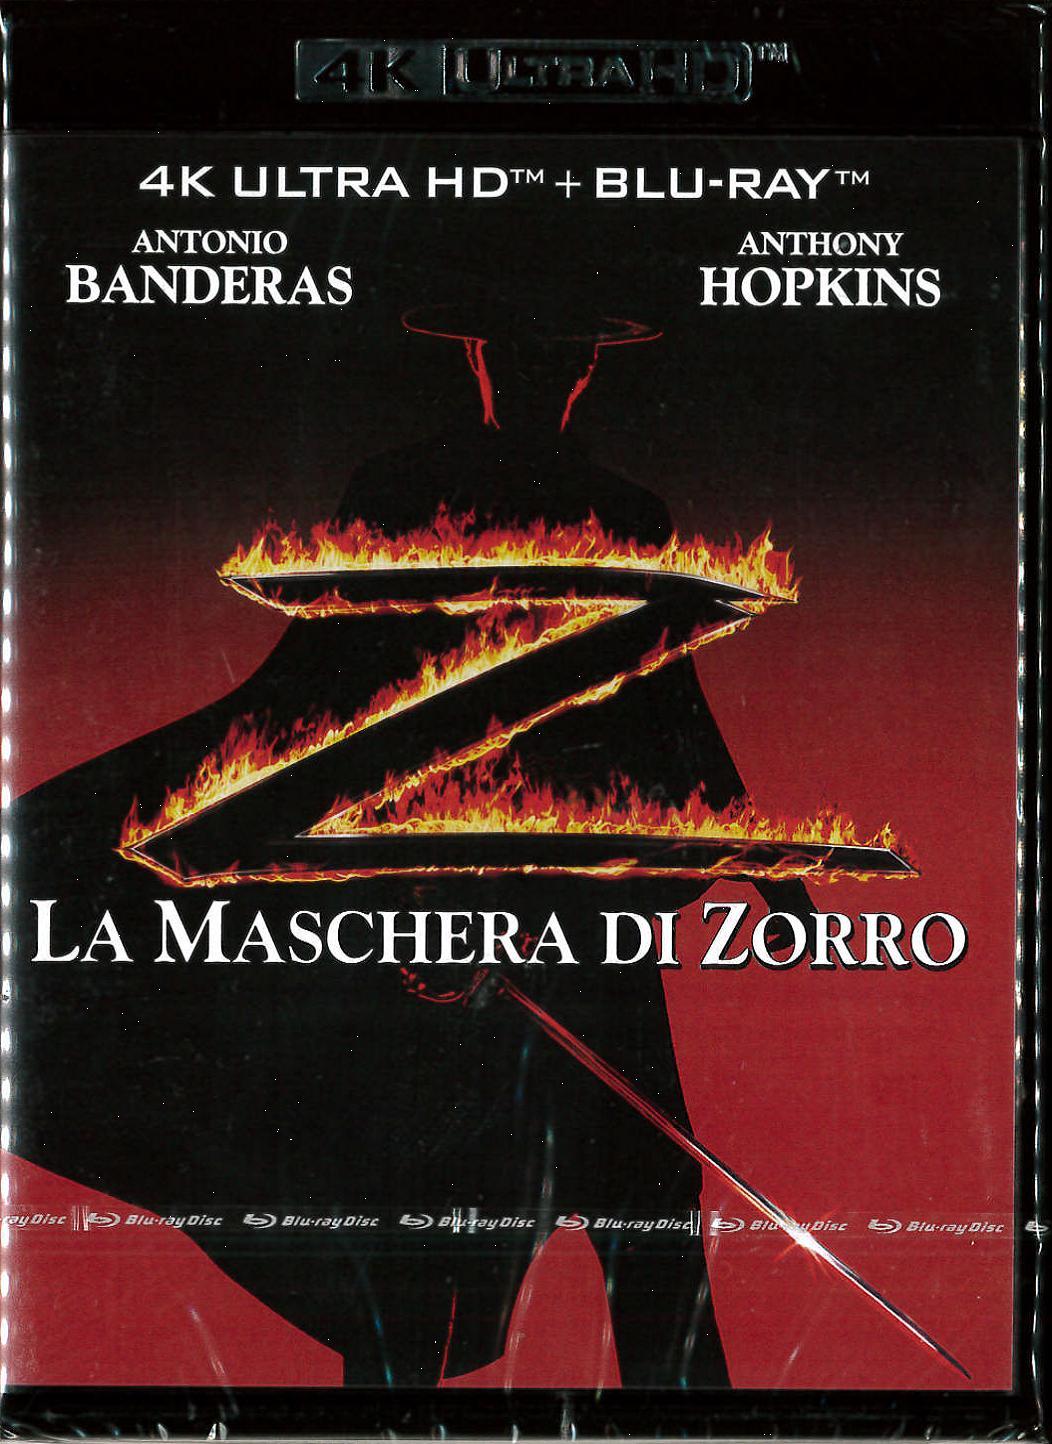 MASCHERA DI ZORRO (LA) (UHD+BLU-RAY)